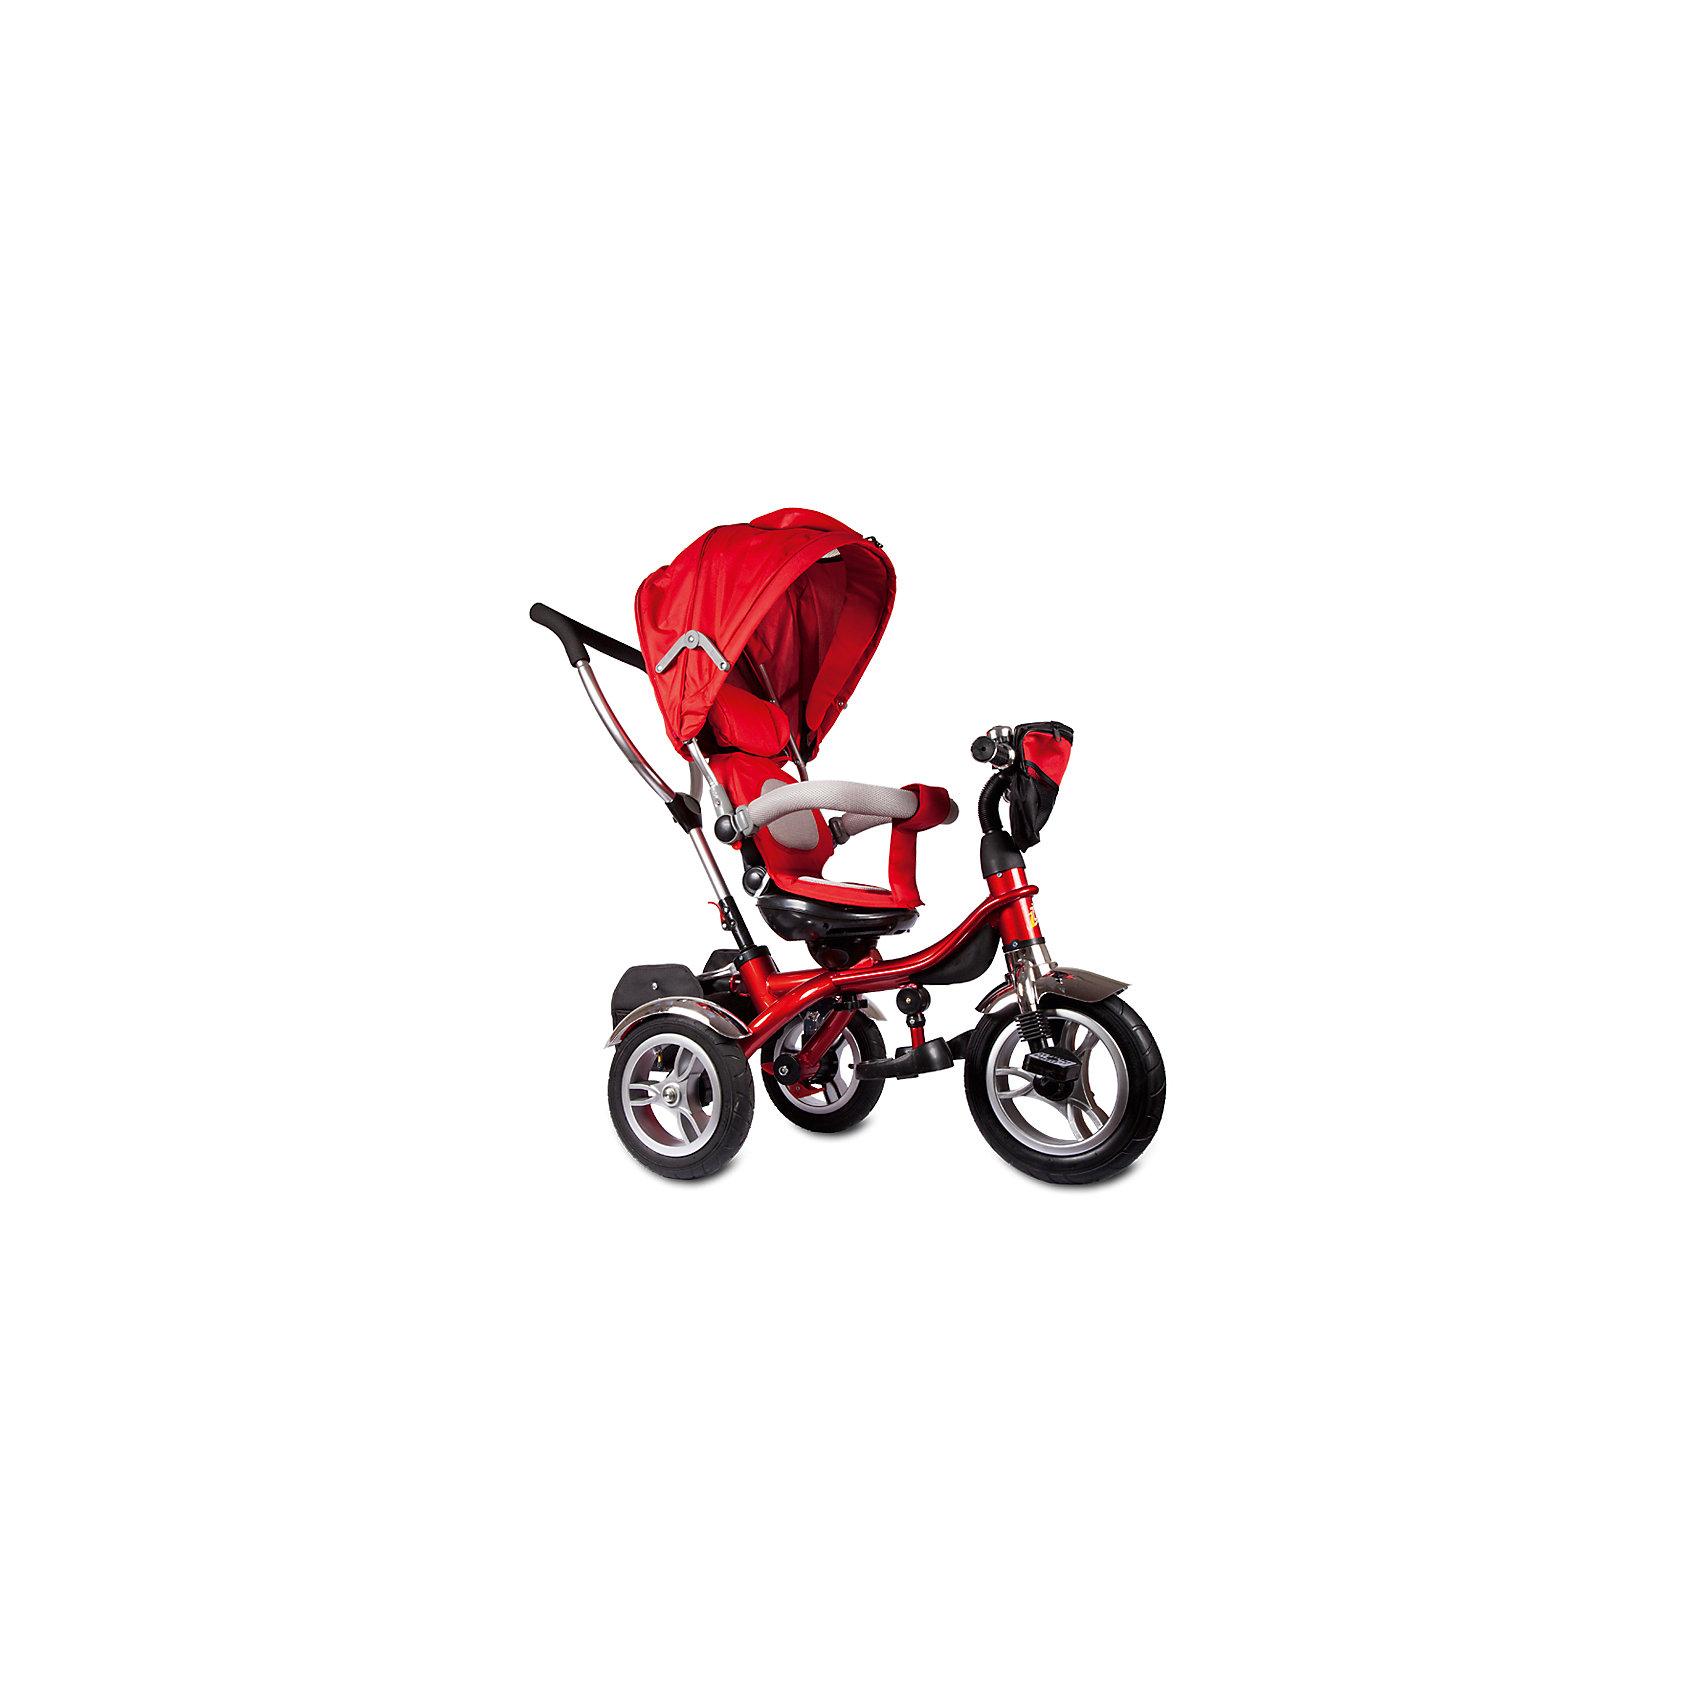 Трехколесный велосипед Голд Люкс, с поворотным сиденьем, ZilmerВелосипеды детские<br>Характеристики товара:<br><br>• материал: металл, полимер, текстиль<br>• цвет: красный<br>• диаметр колес: переднее - 12 дюймов, задние - 10 дюймов<br>• блокировка колес<br>• кресло вращается<br>• удобный руль <br>• безопасные поручни<br>• управление ручкой для родителей<br>• подставка под ноги<br>• корзинка<br>• колеса надувные<br>• надежные материалы<br>• козырек<br>• продуманная конструкция<br>• яркий цвет<br>• возраст: от 12 мес<br>• размер: 75x39x37 см<br>• вес: 9 кг<br>• страна производства: Китай<br><br>Подарить родителям и малышу такой велосипед - значит, помочь развитию ребенка. Он способствует скорейшему развитию способности ориентироваться в пространстве, развивает физические способности, мышление и ловкость. Помимо этого, кататься на нём - очень увлекательное занятие!<br><br>Этот велосипед разработан специально для малышей. Он чем-то похож на коляску: есть родительская ручка и специальные подставки под ножки. С помощью ручки родители легко координируют направление движения. Данная модель выполнена в ярком дизайне, отличается продуманной конструкцией и деталями, которые обеспечивают безопасность ребенка. Отличный подарок для активного малыша!<br><br>Трехколесный велосипед Голд Люкс, с поворотным сиденьем, от бренда Zilmer можно купить в нашем интернет-магазине.<br><br>Ширина мм: 750<br>Глубина мм: 390<br>Высота мм: 370<br>Вес г: 12900<br>Возраст от месяцев: 12<br>Возраст до месяцев: 36<br>Пол: Унисекс<br>Возраст: Детский<br>SKU: 5478513